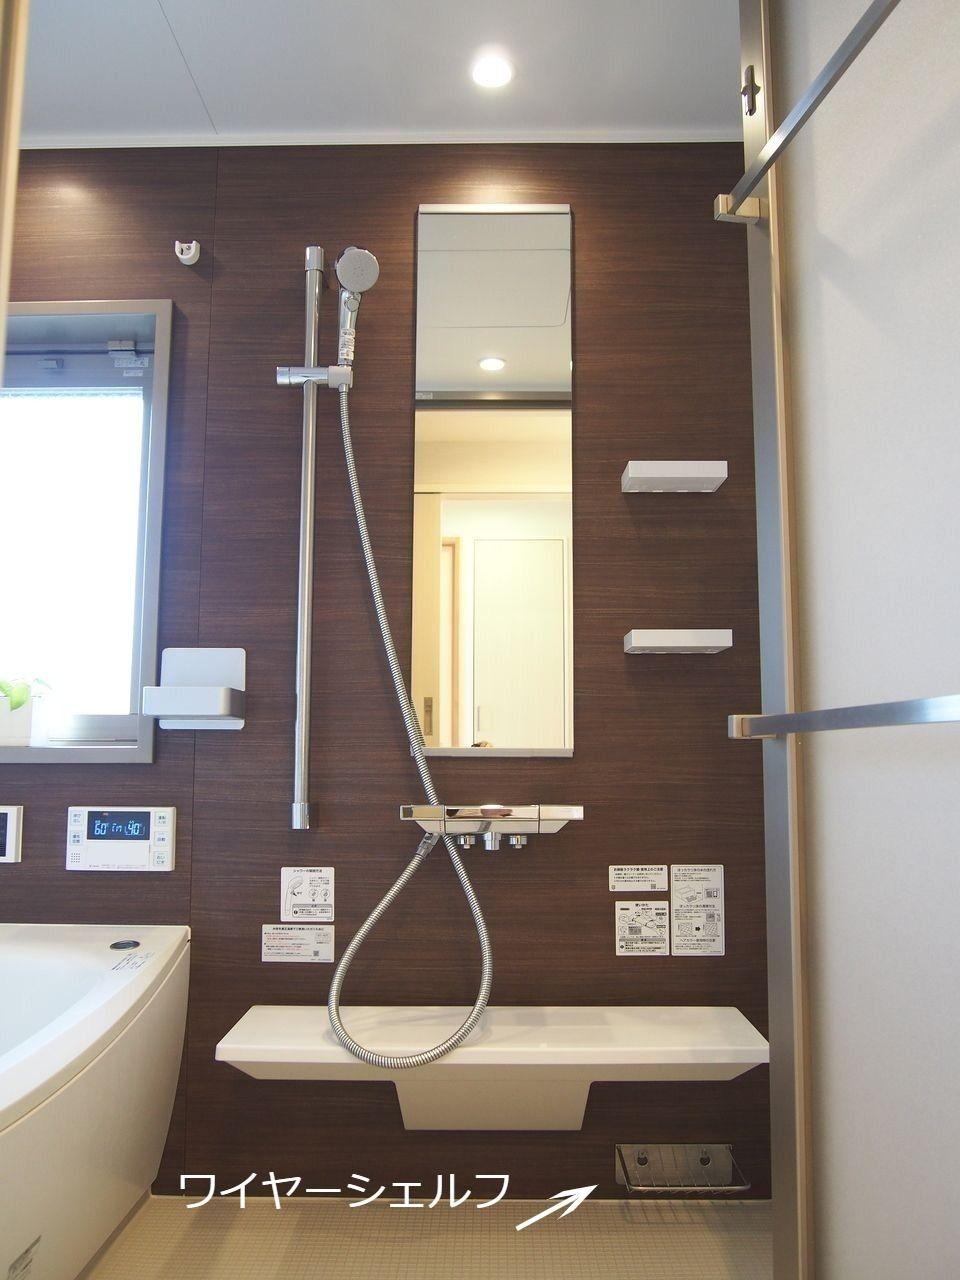 炭素の膜で水垢がこびり付きを防ぐ鏡とお掃除がしやすいカウンターです。カウンター下のワイヤーシェルフは、すっきり水切りもできるため、ブラシやスポンジ、石鹸などの保管に重宝します。